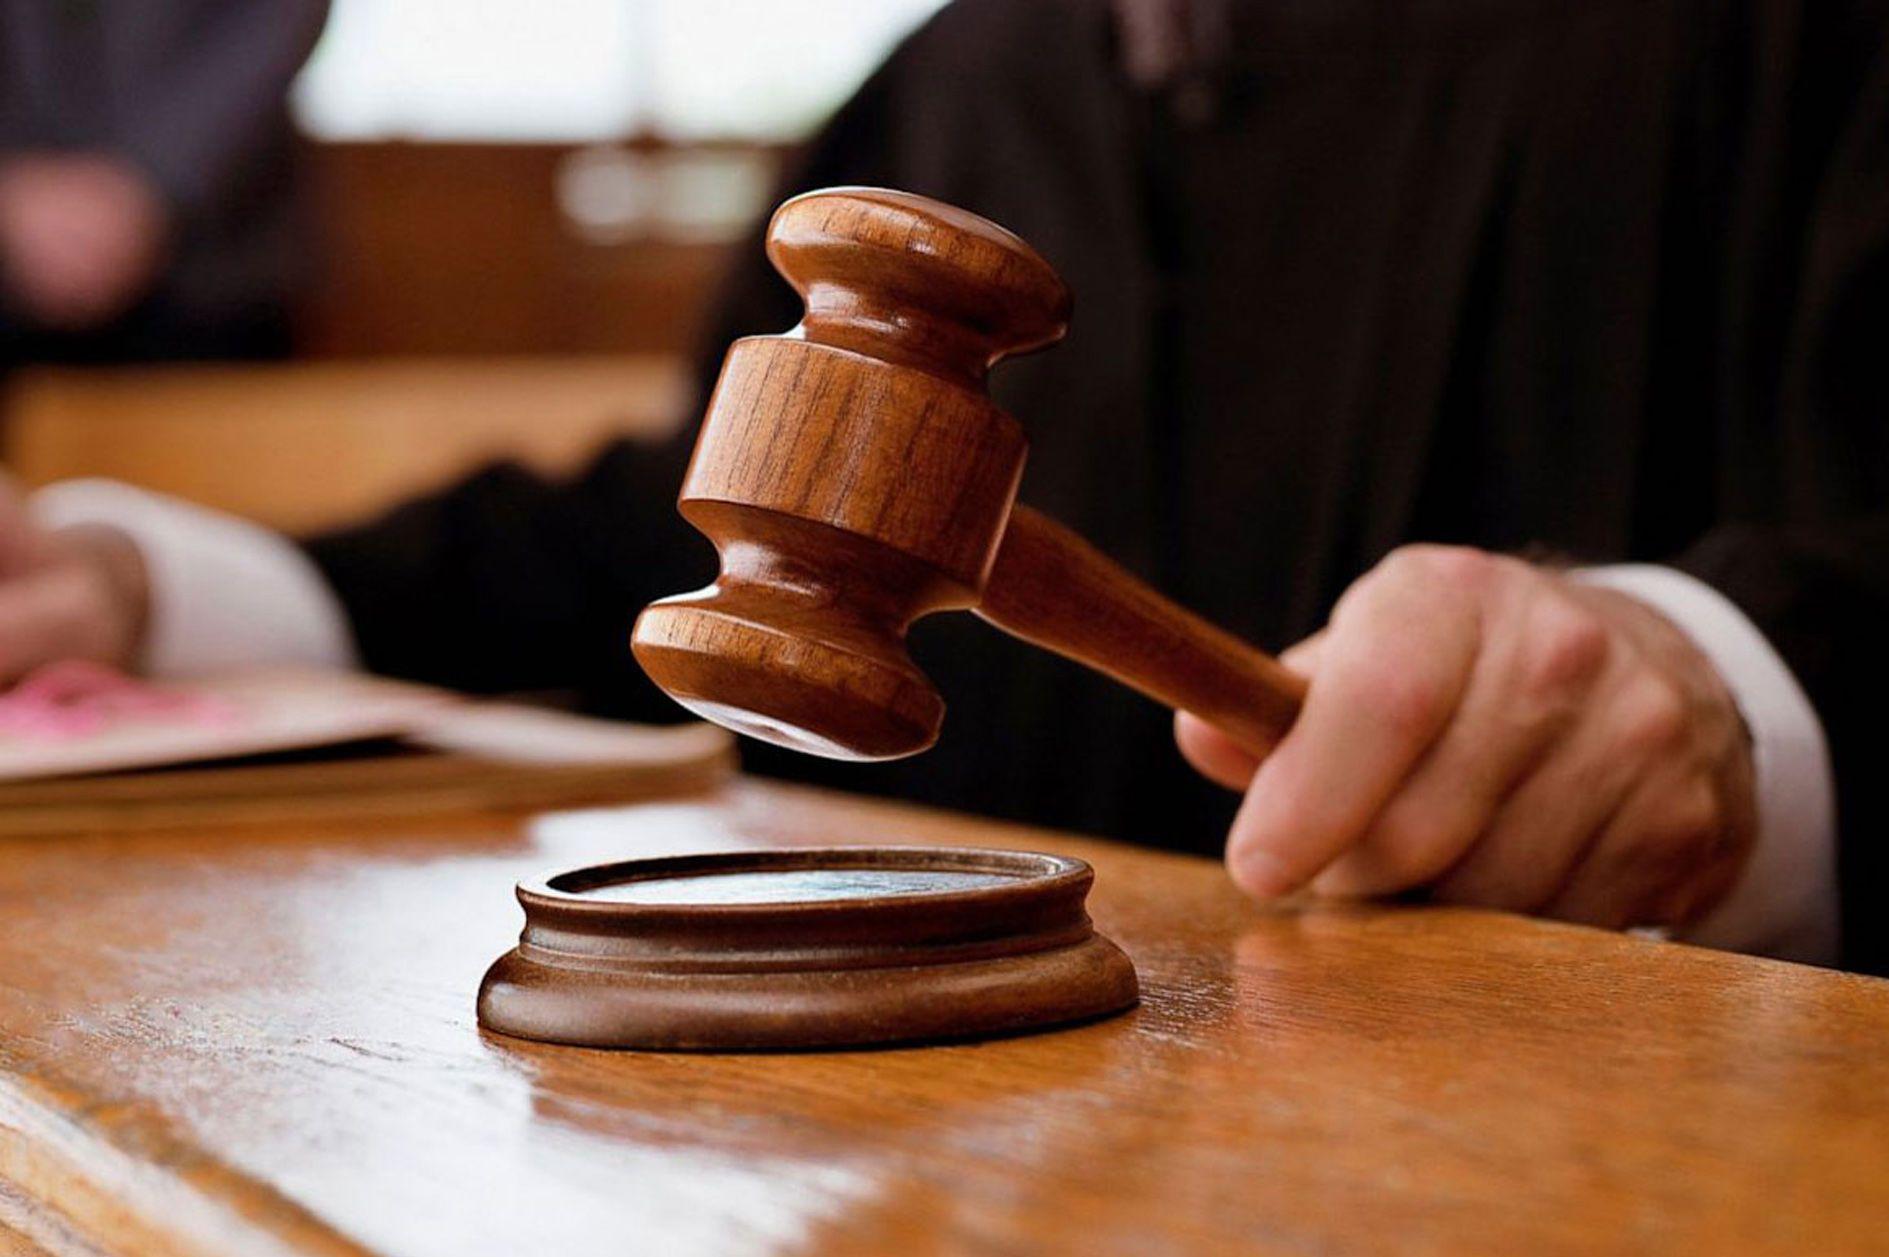 Жительнице Ртищева вынесен приговор за хищение 430 тыс. рублей